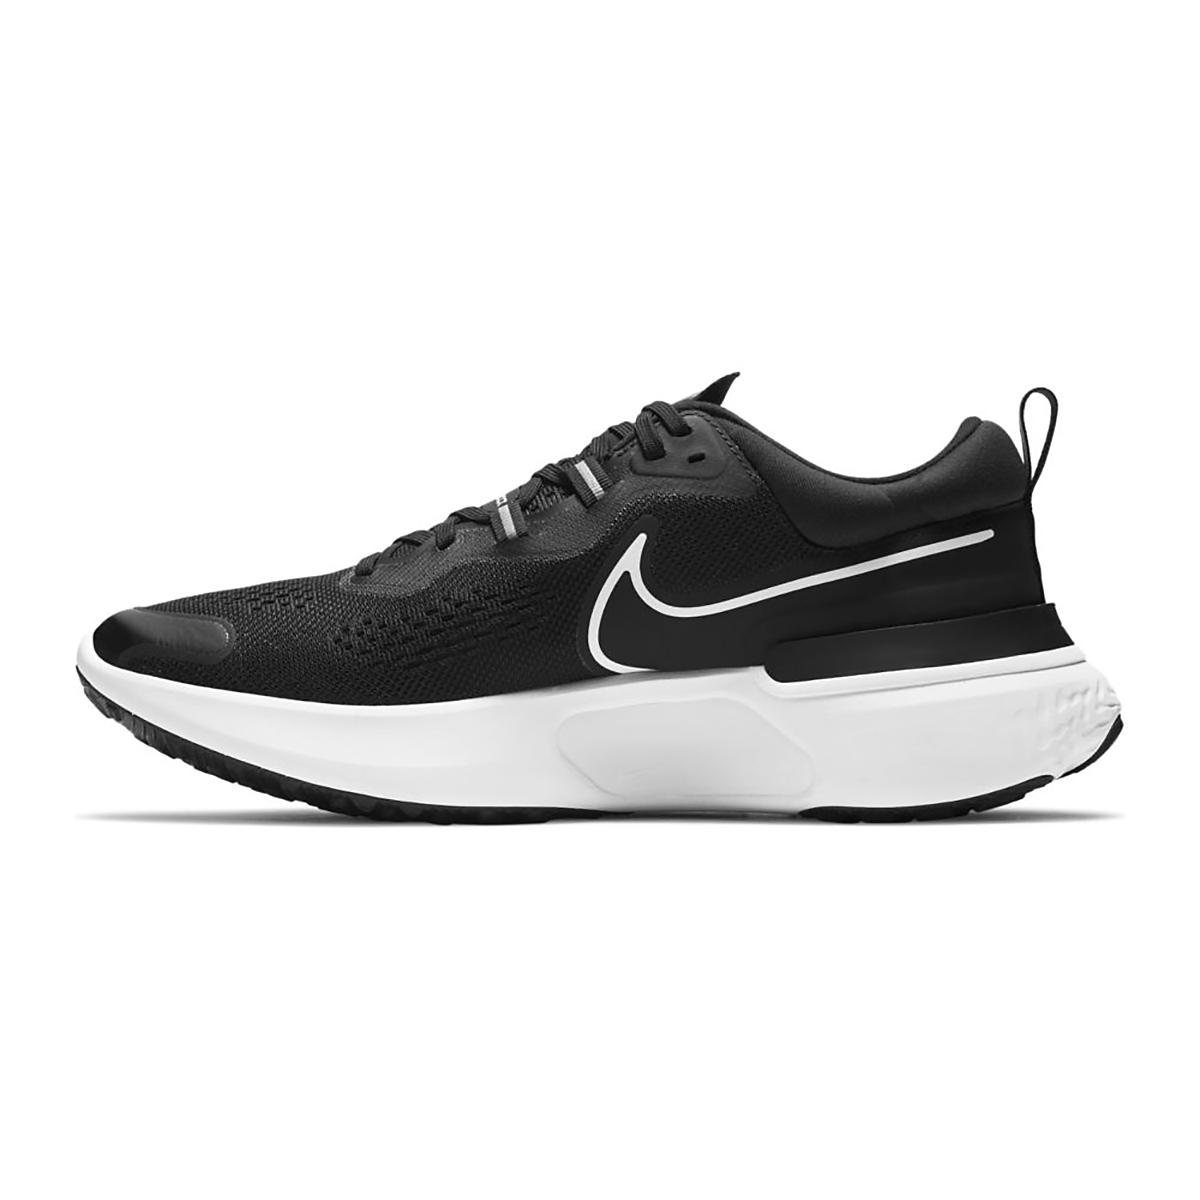 Men's Nike React Miler 2 Running Shoe - Color: Black/White/Smoke Grey - Size: 6.5 - Width: Regular, Black/White/Smoke Grey, large, image 2